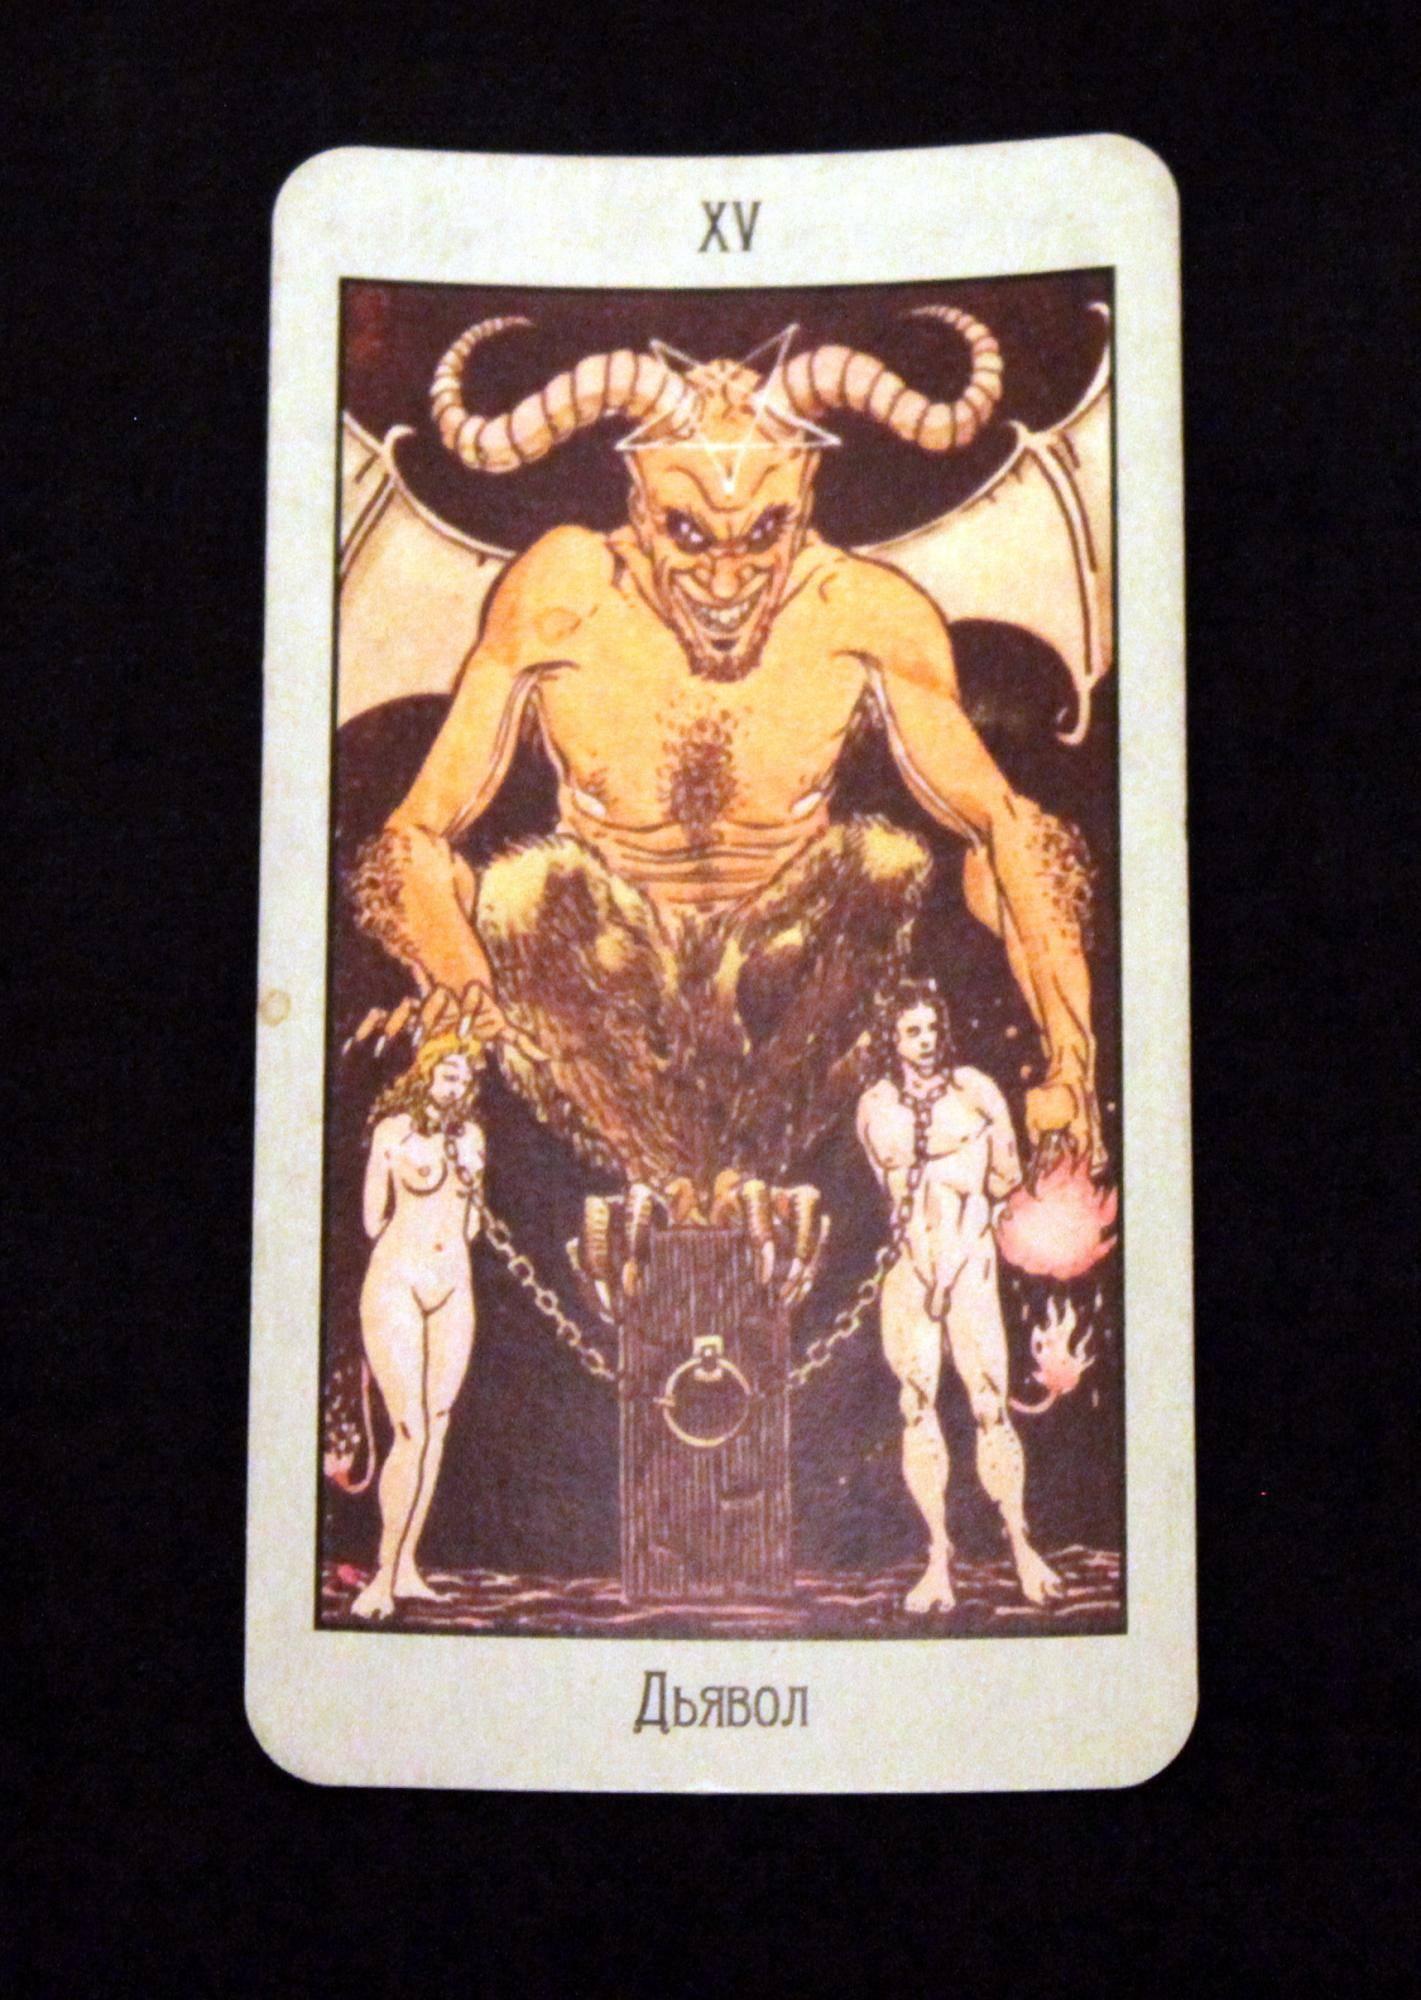 Дьявол таро (бафомет) - значение и трактовка карты старшего аркана